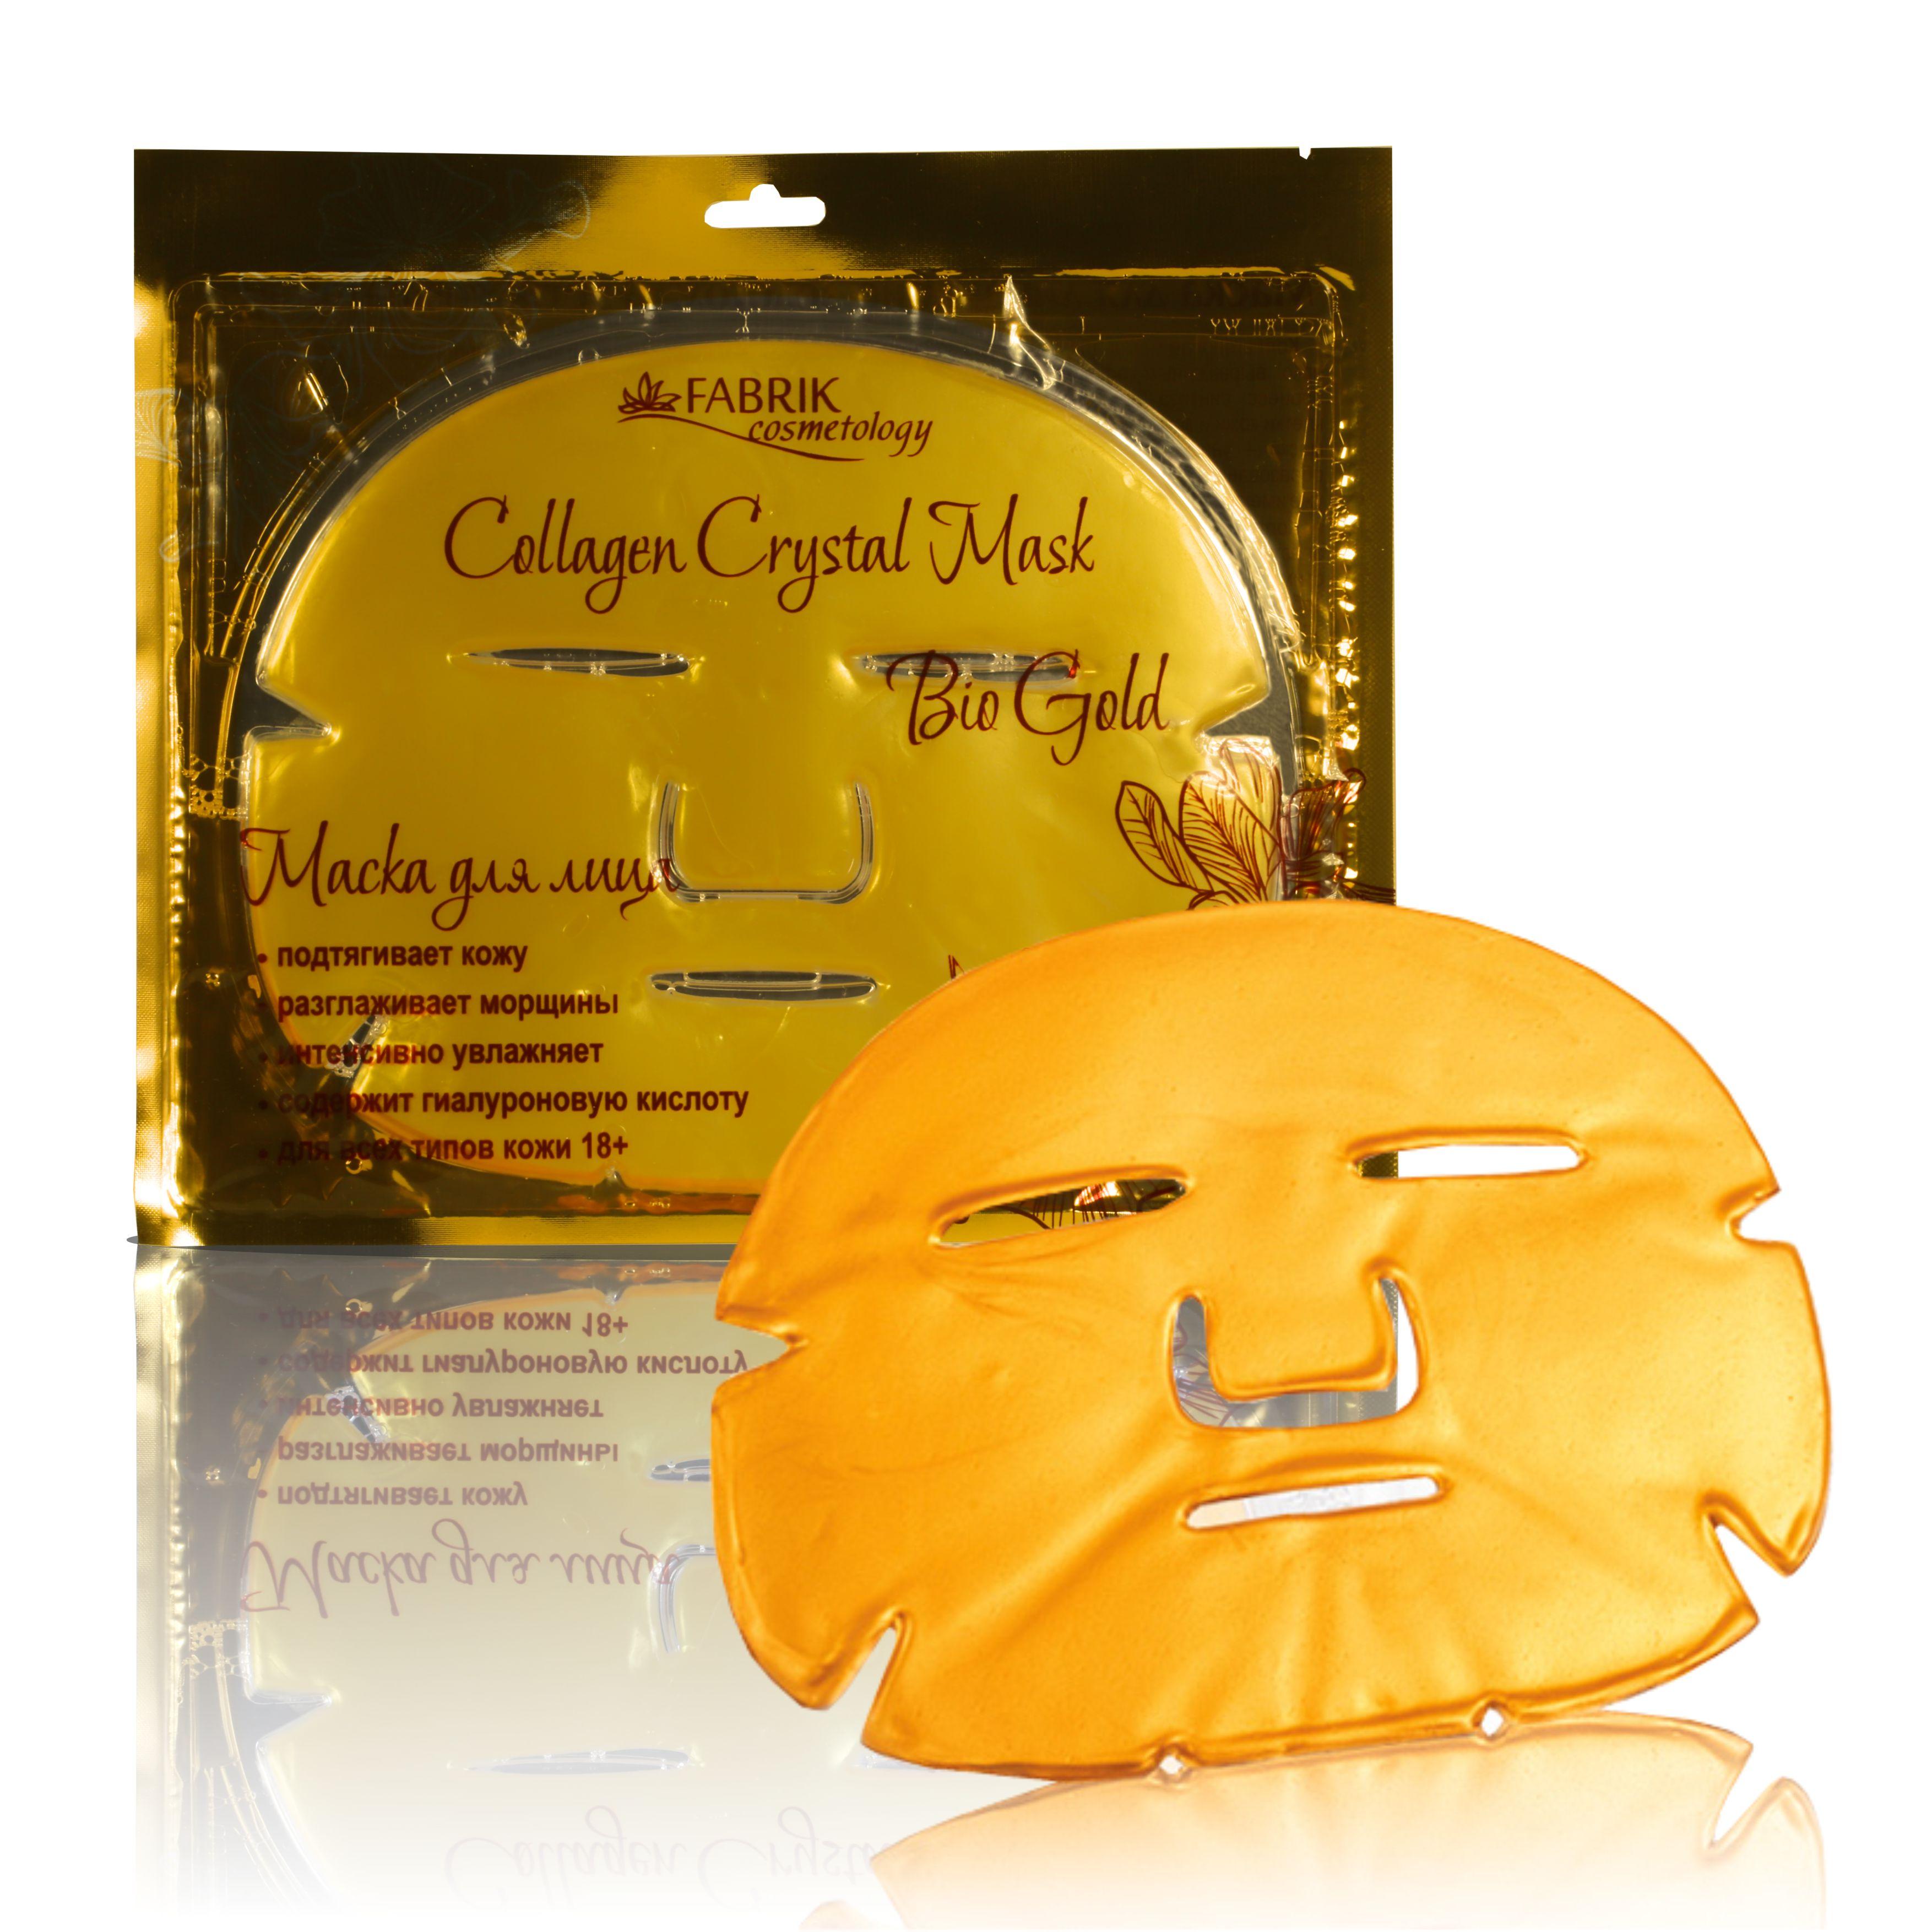 FABRIK cosmetology Маска коллагеновая с био золотом для лица 85 г